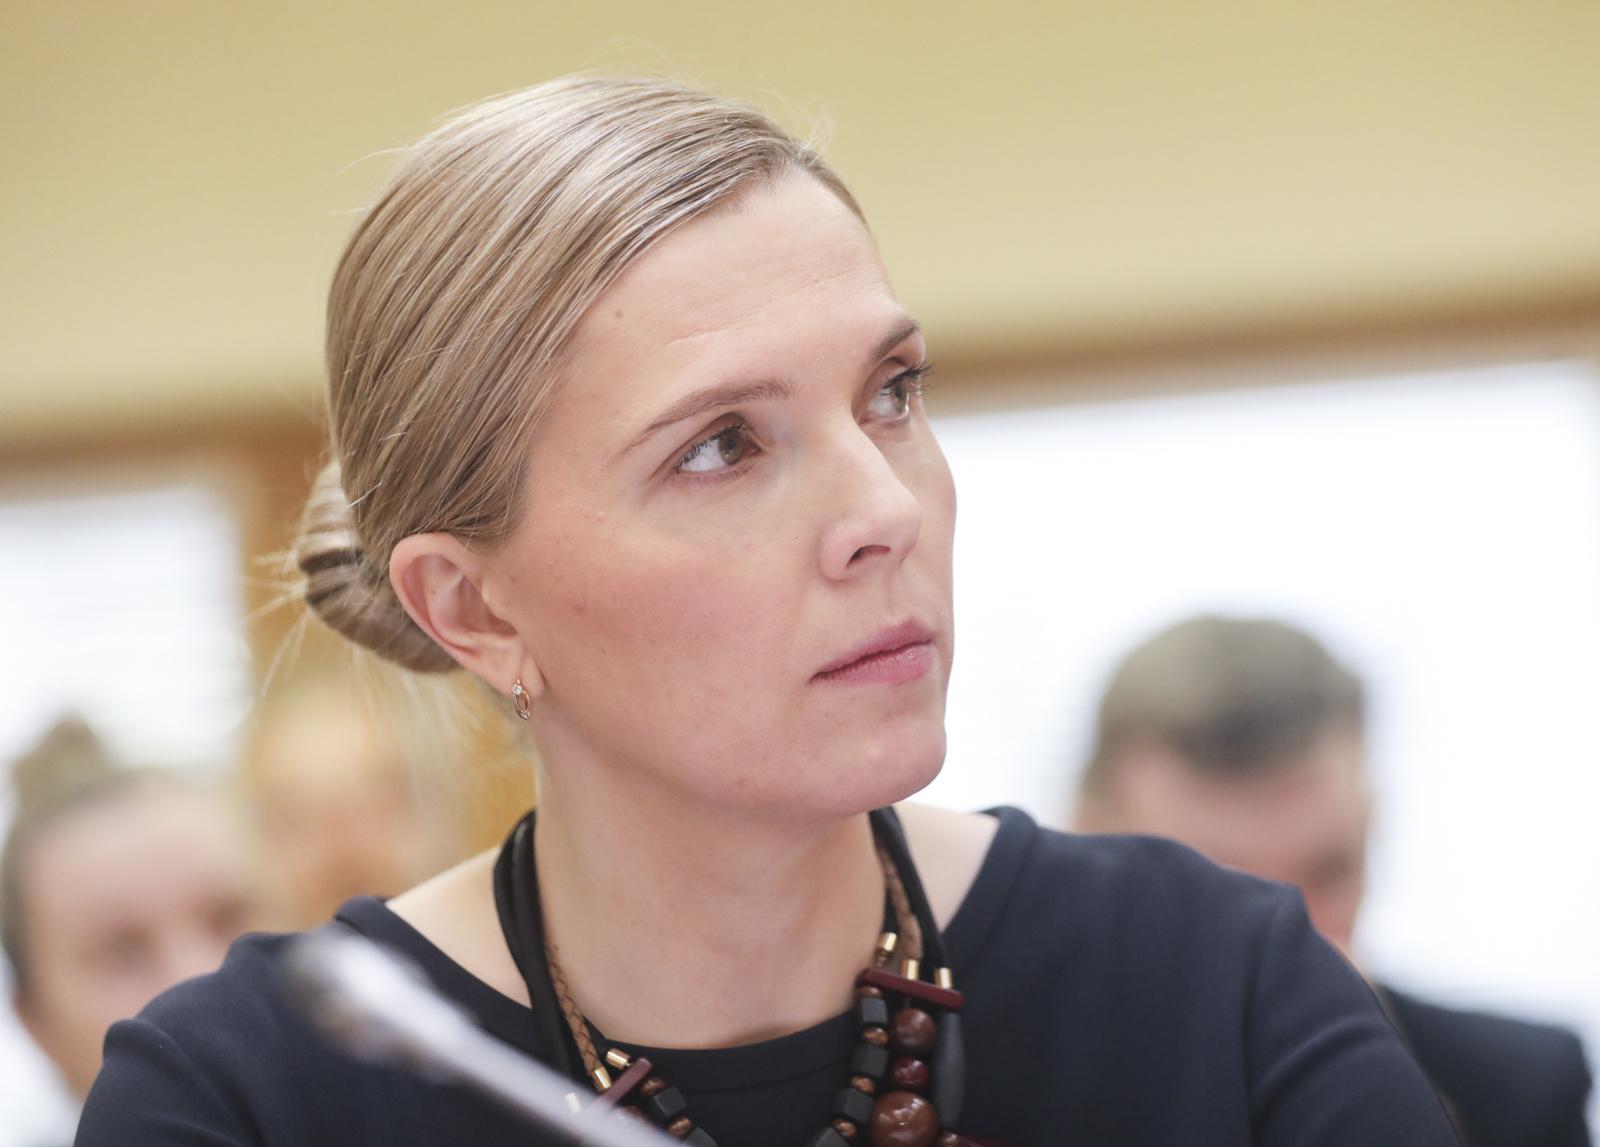 A. Bilotaitė dėl padidėjusios taršos Klaipėdoje kreipėsi į Prokuratūrą ir Susisiekimo ministeriją